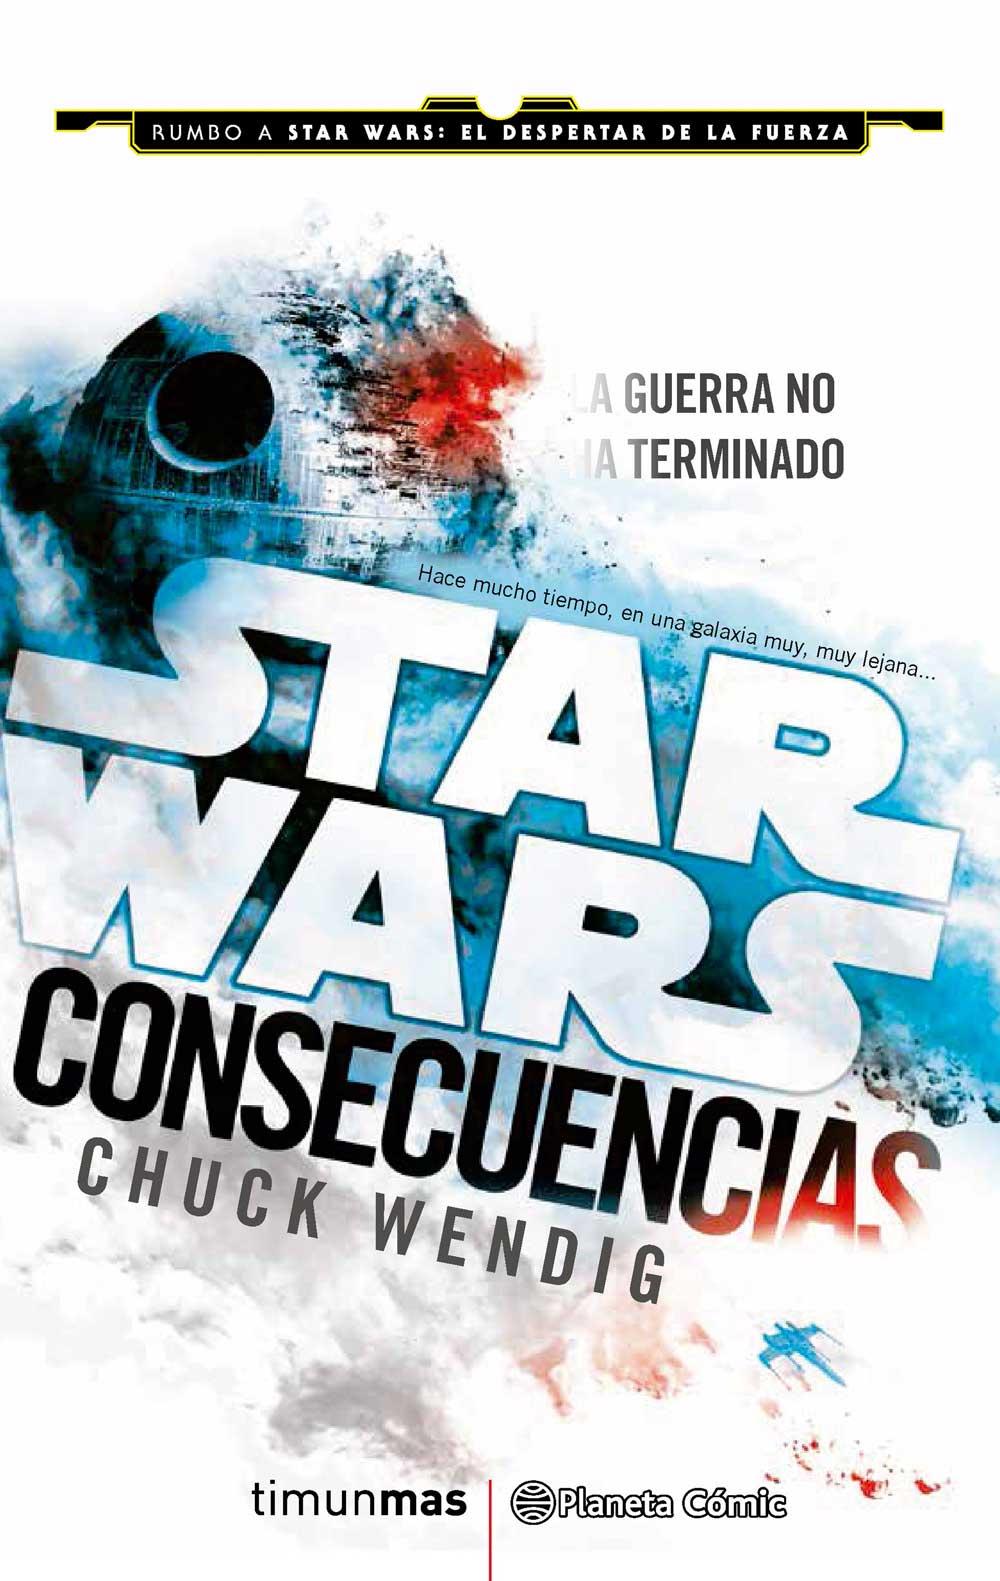 Star Wars Episodios VII y VIII: ¿Qué cómics y novelas leer para estar al día?